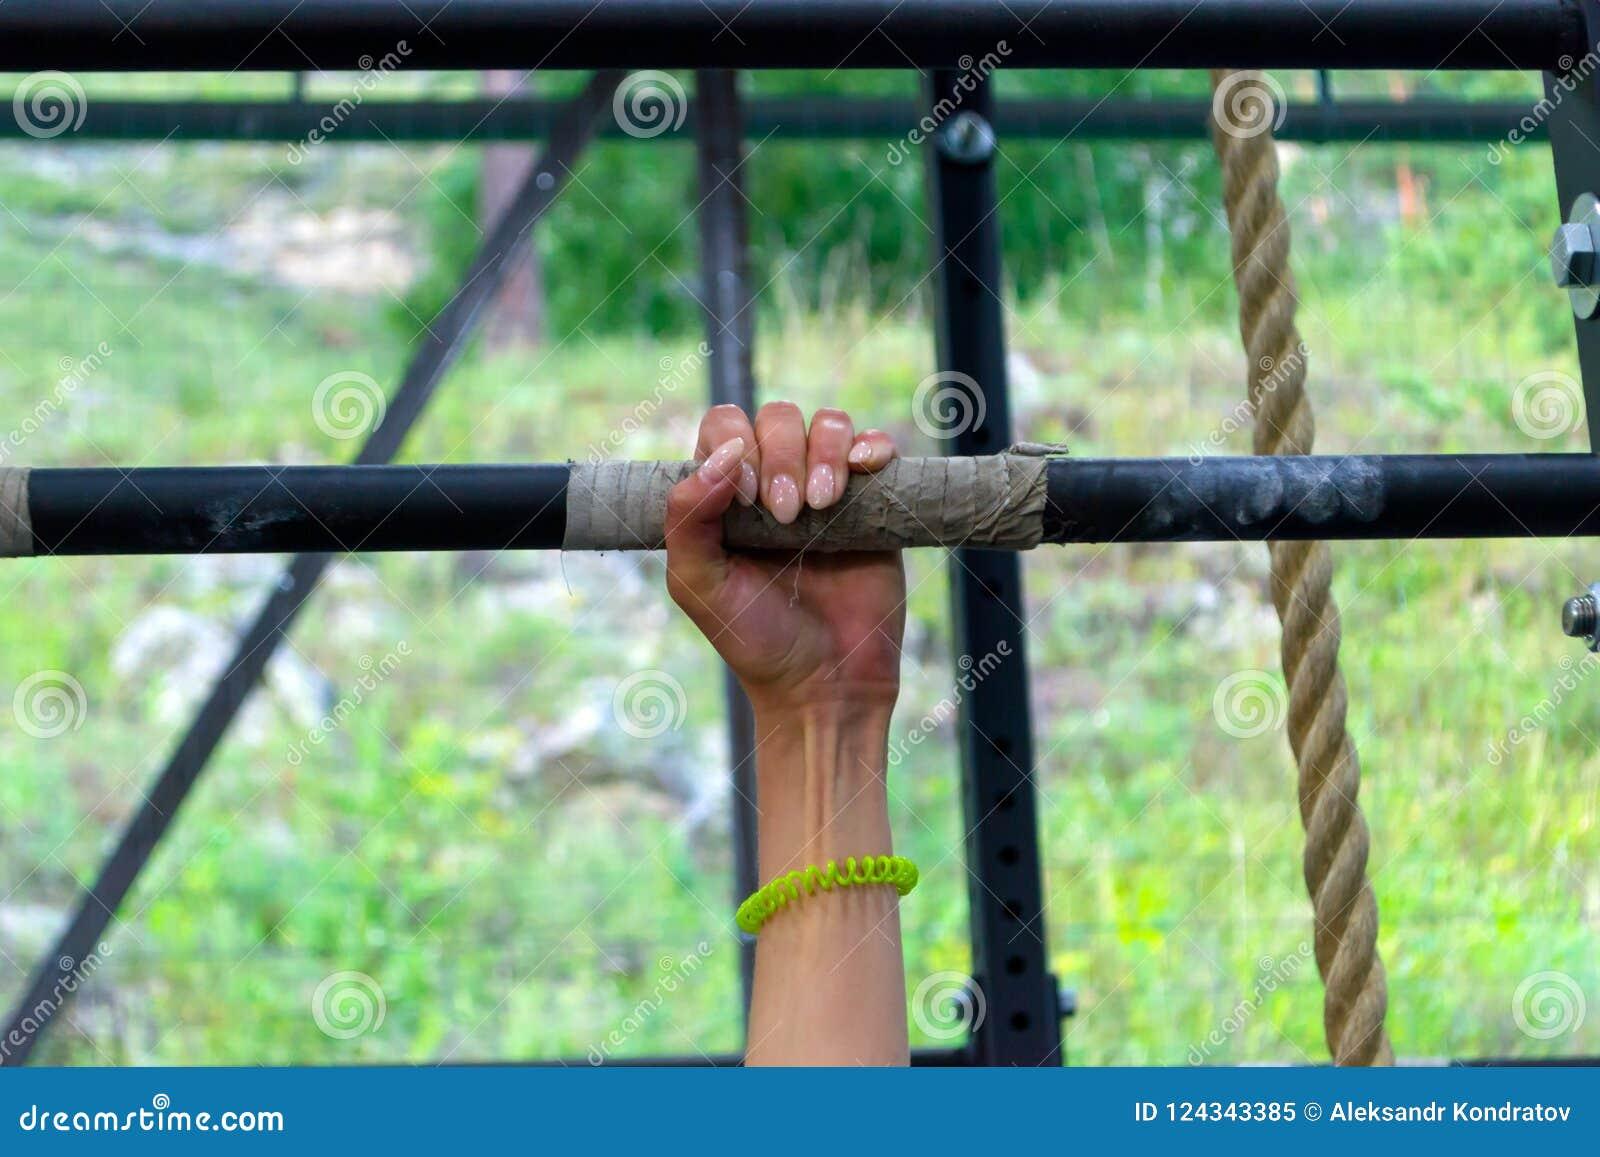 Entregue a menina com um tratamento de mãos em uma barra de ferro com veias e a MU tensas